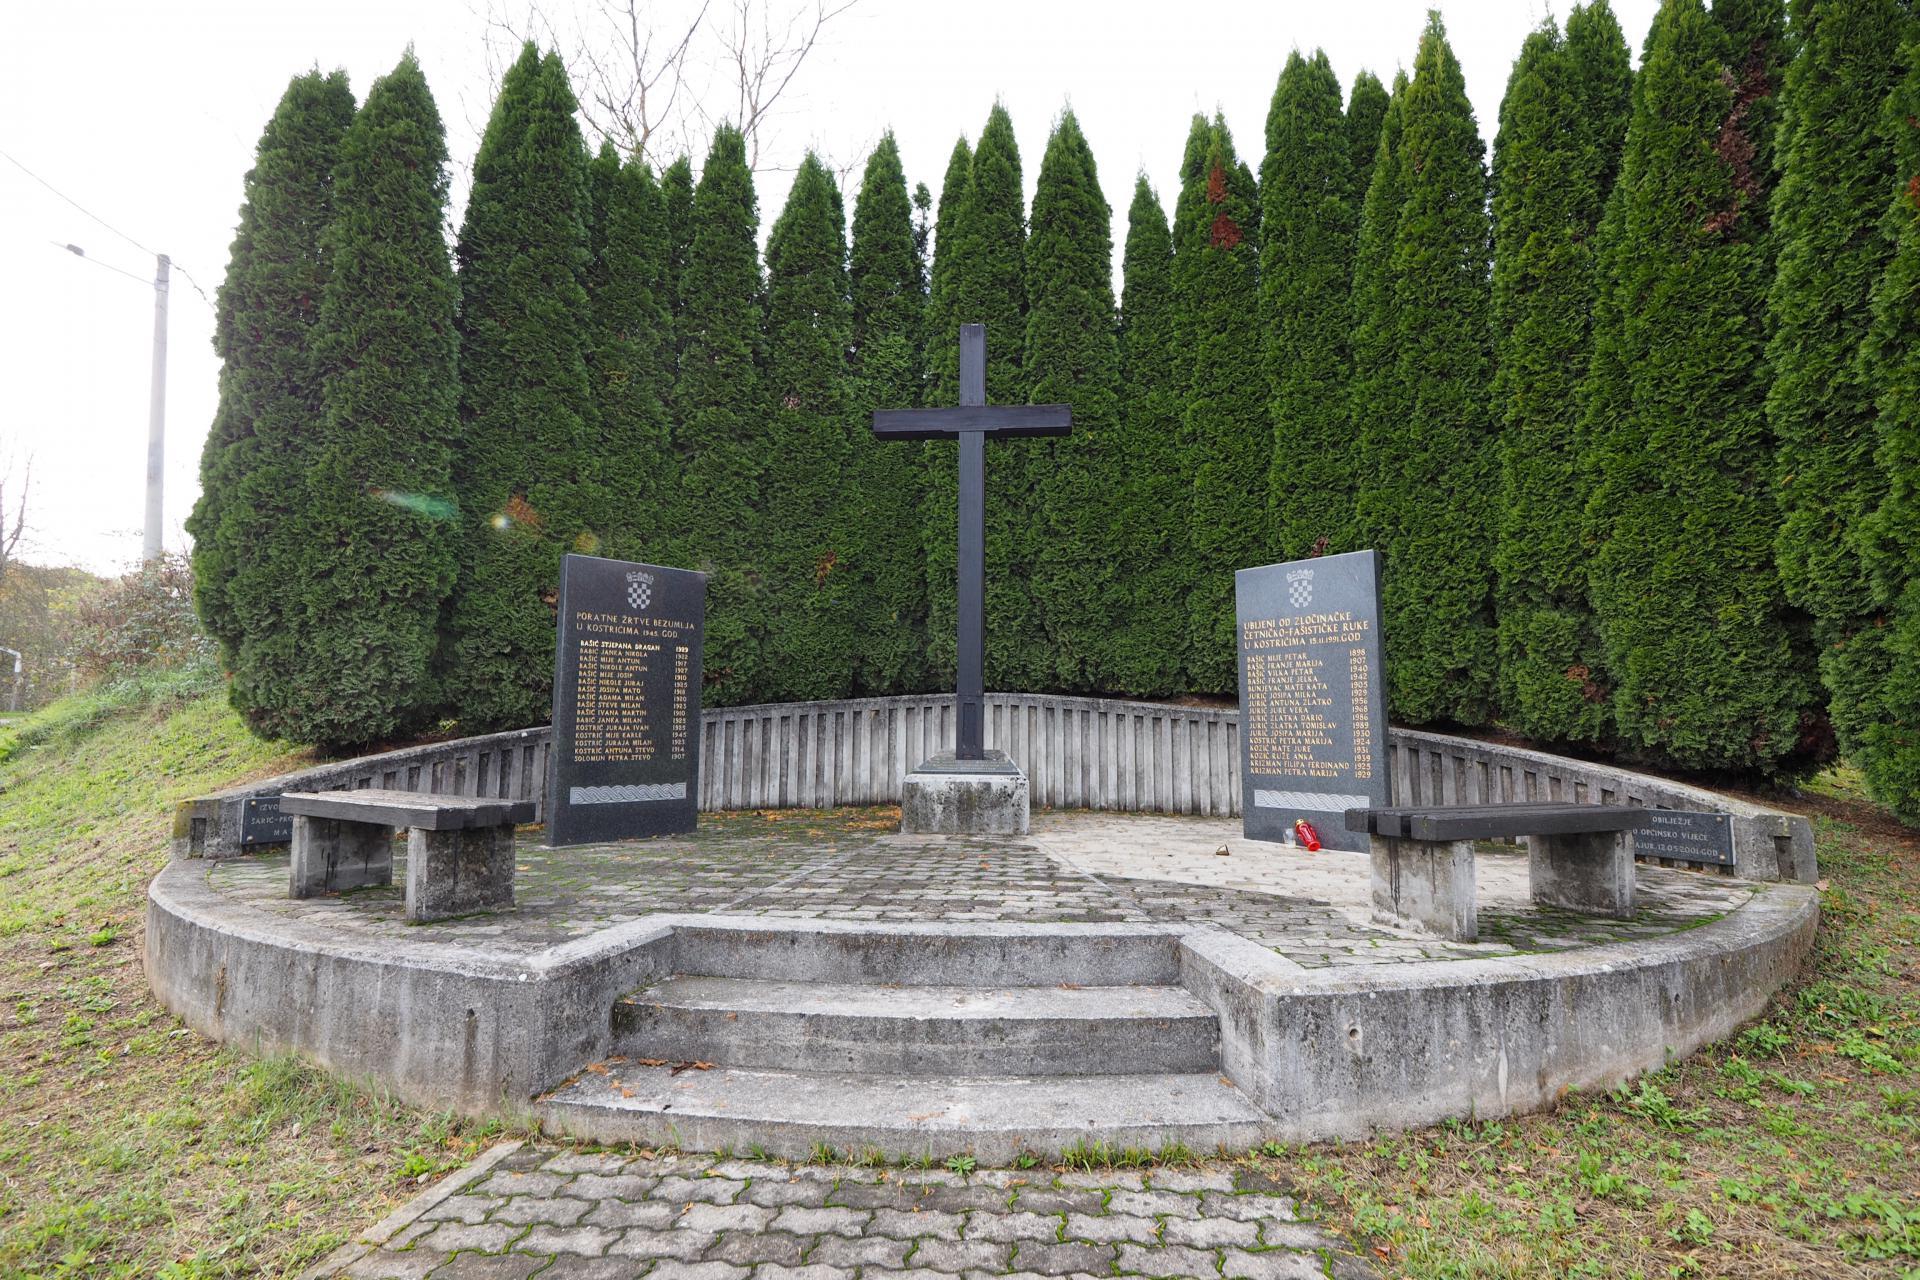 Spomenik u Kostrićima, civilima Hrvatima ubijenima u pokolju 15. studenog 1991.